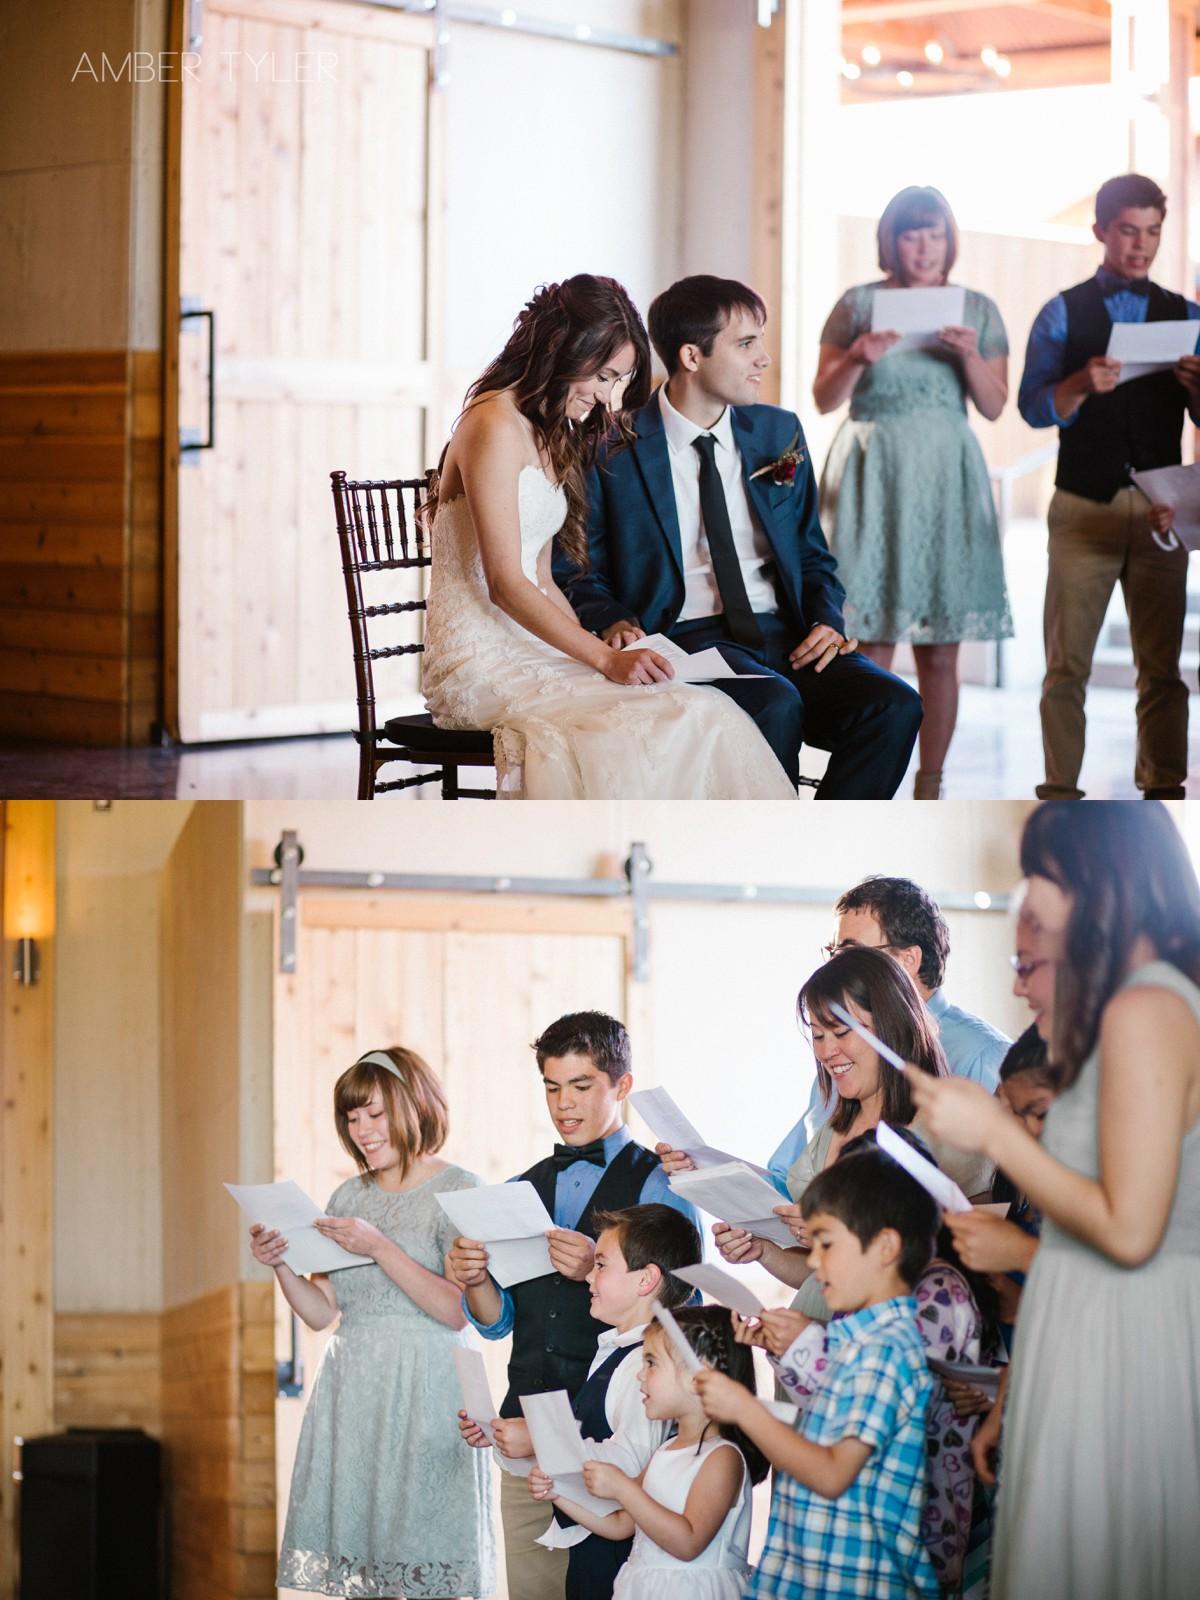 spokane-wedding-photographer_0448